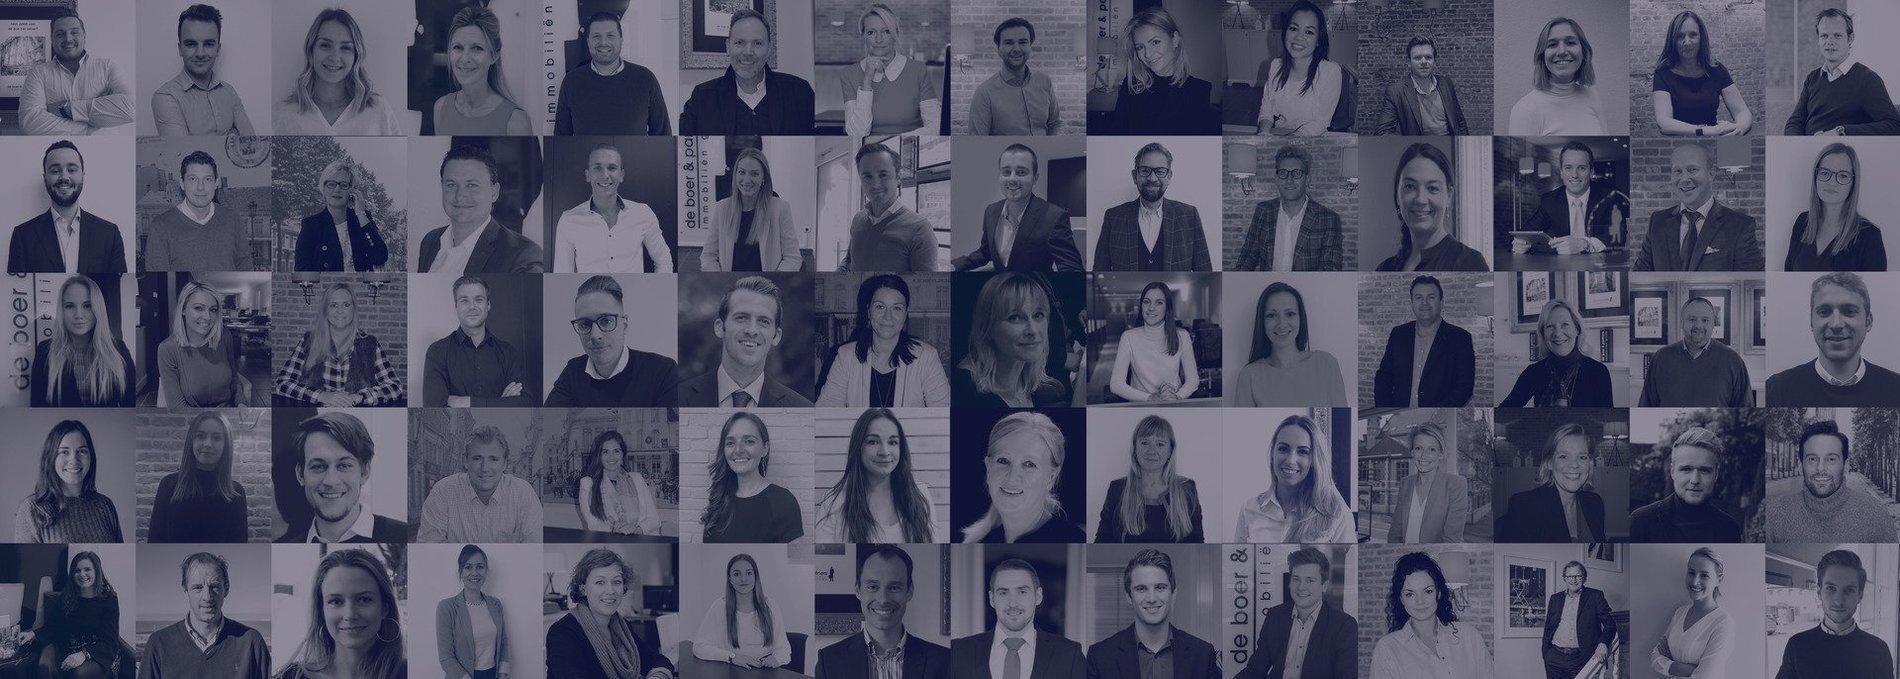 De Boer & Partners teamfoto